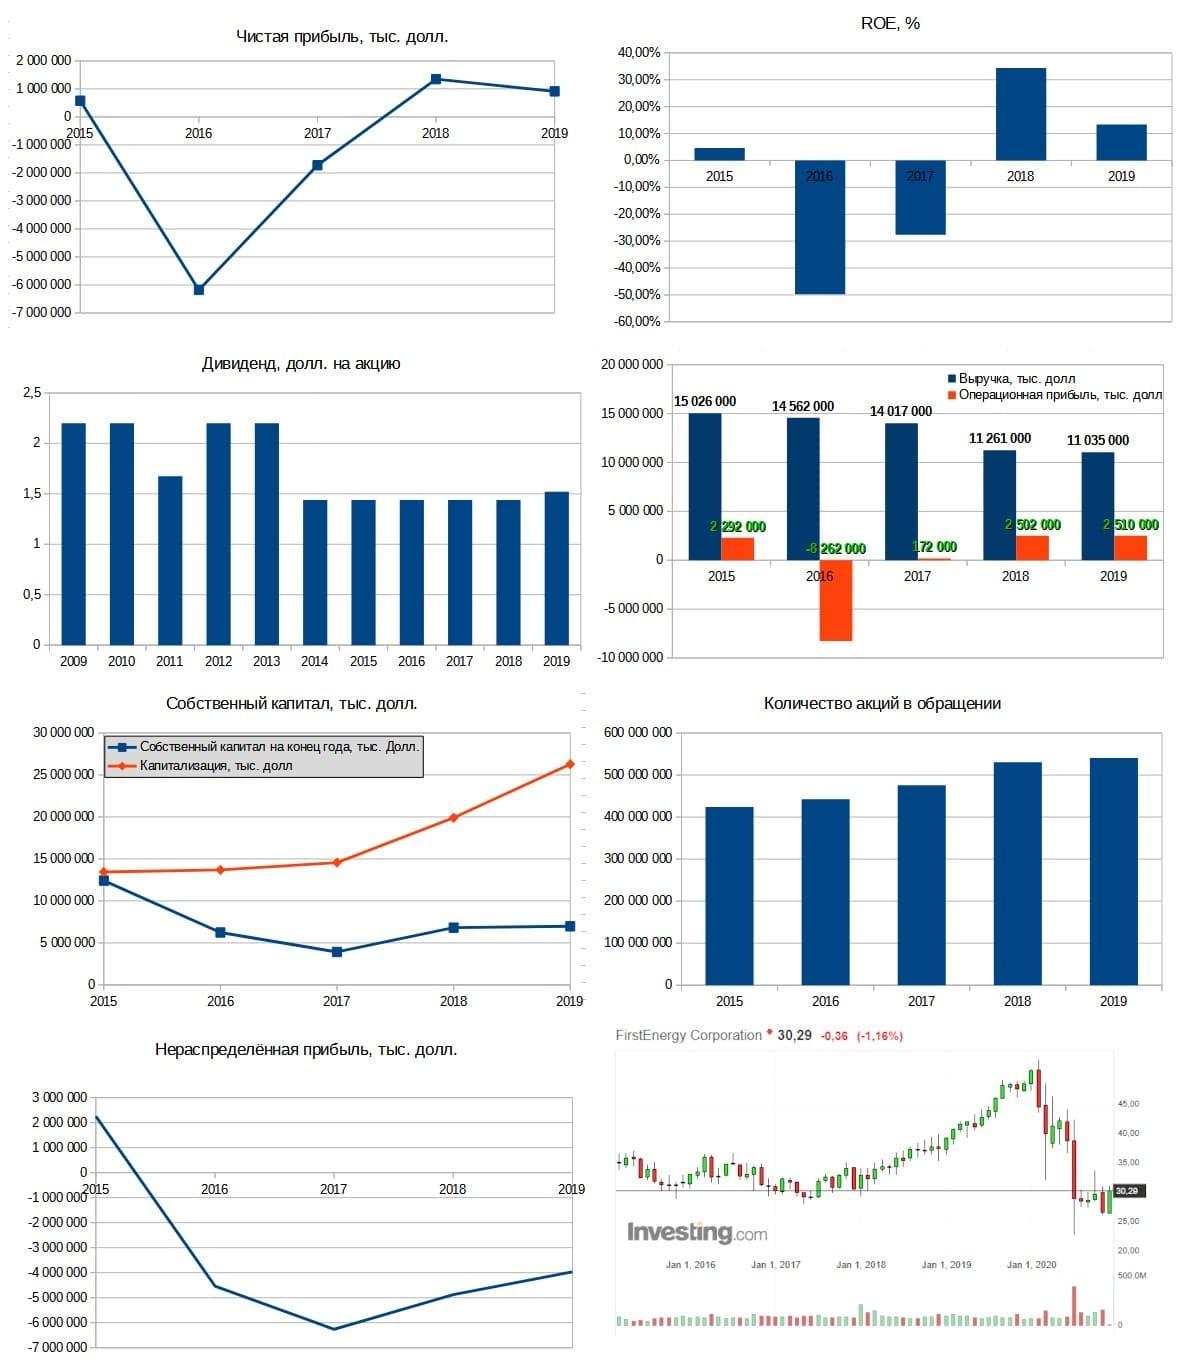 Рис. 6. Диаграммы составлены по данным EDGAR. График акций — investing.com